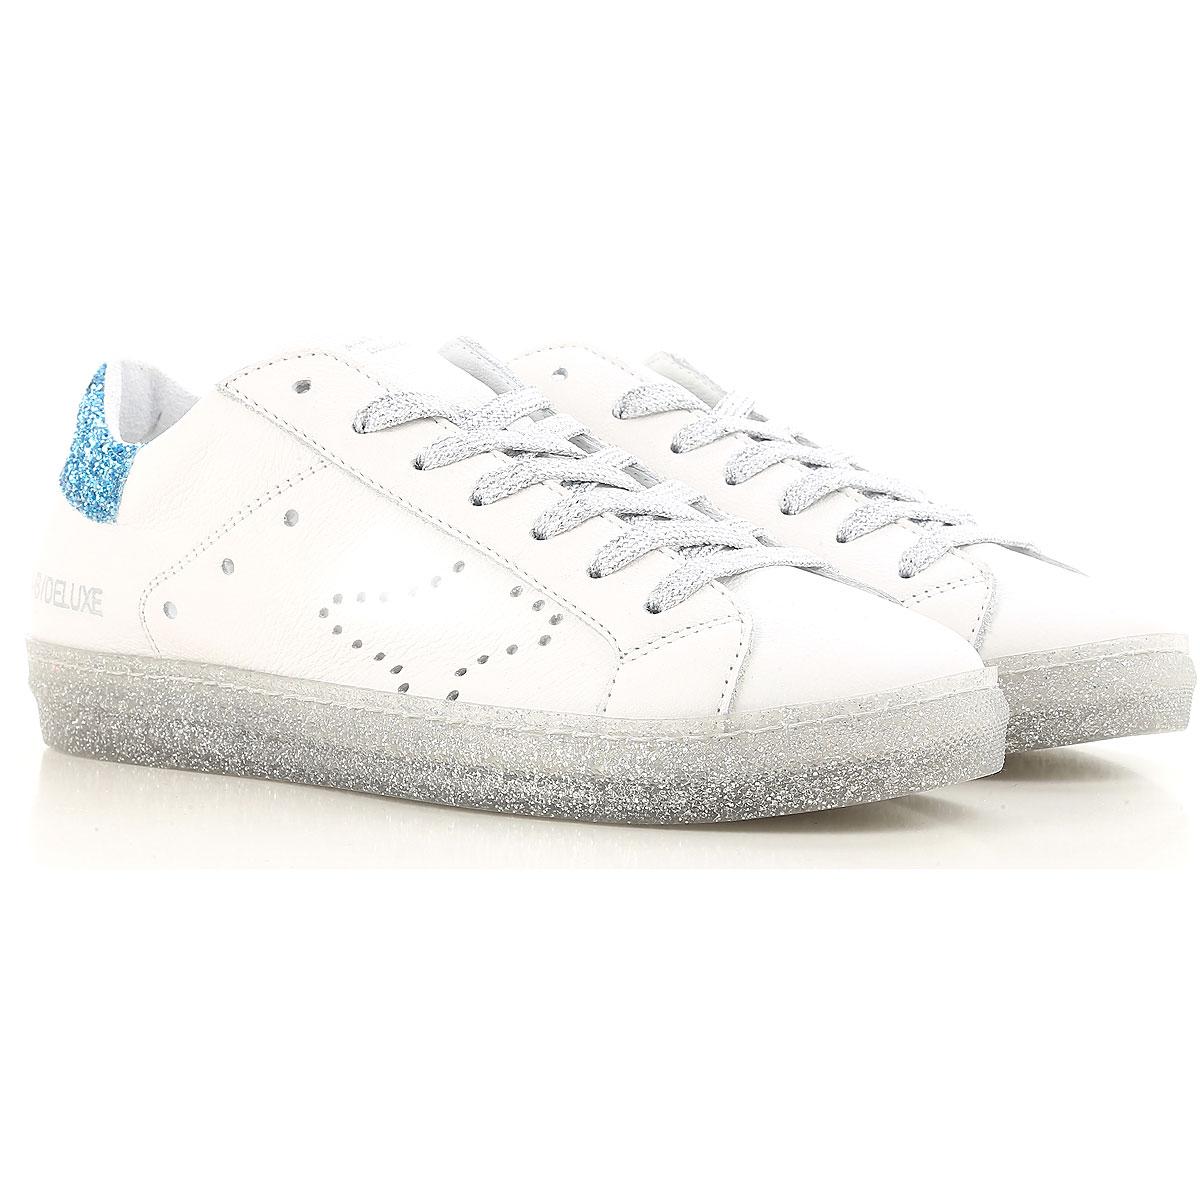 Ama Brand Sneaker Femme Pas cher en Soldes, Blanc, Cuir, 2017, 38 39 40